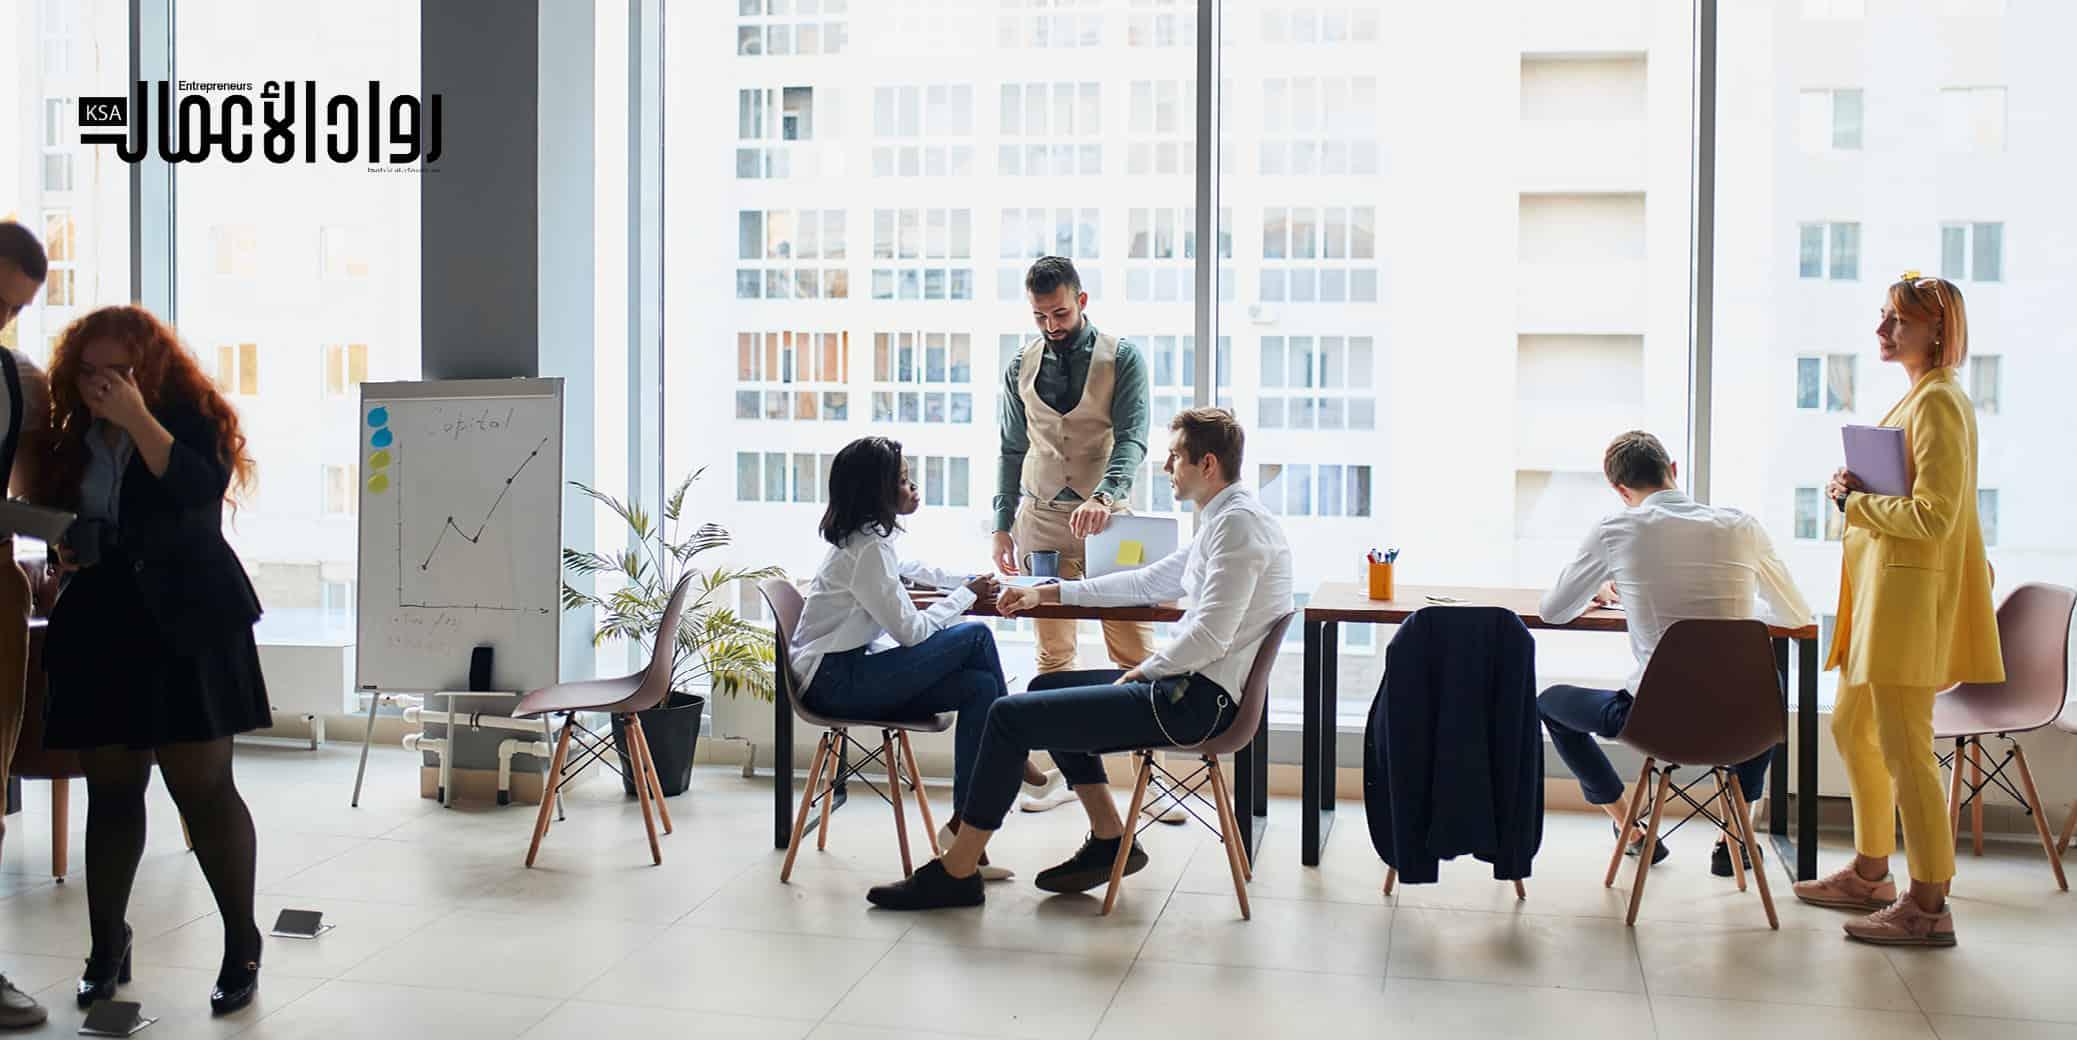 التواصل في مكان العمل